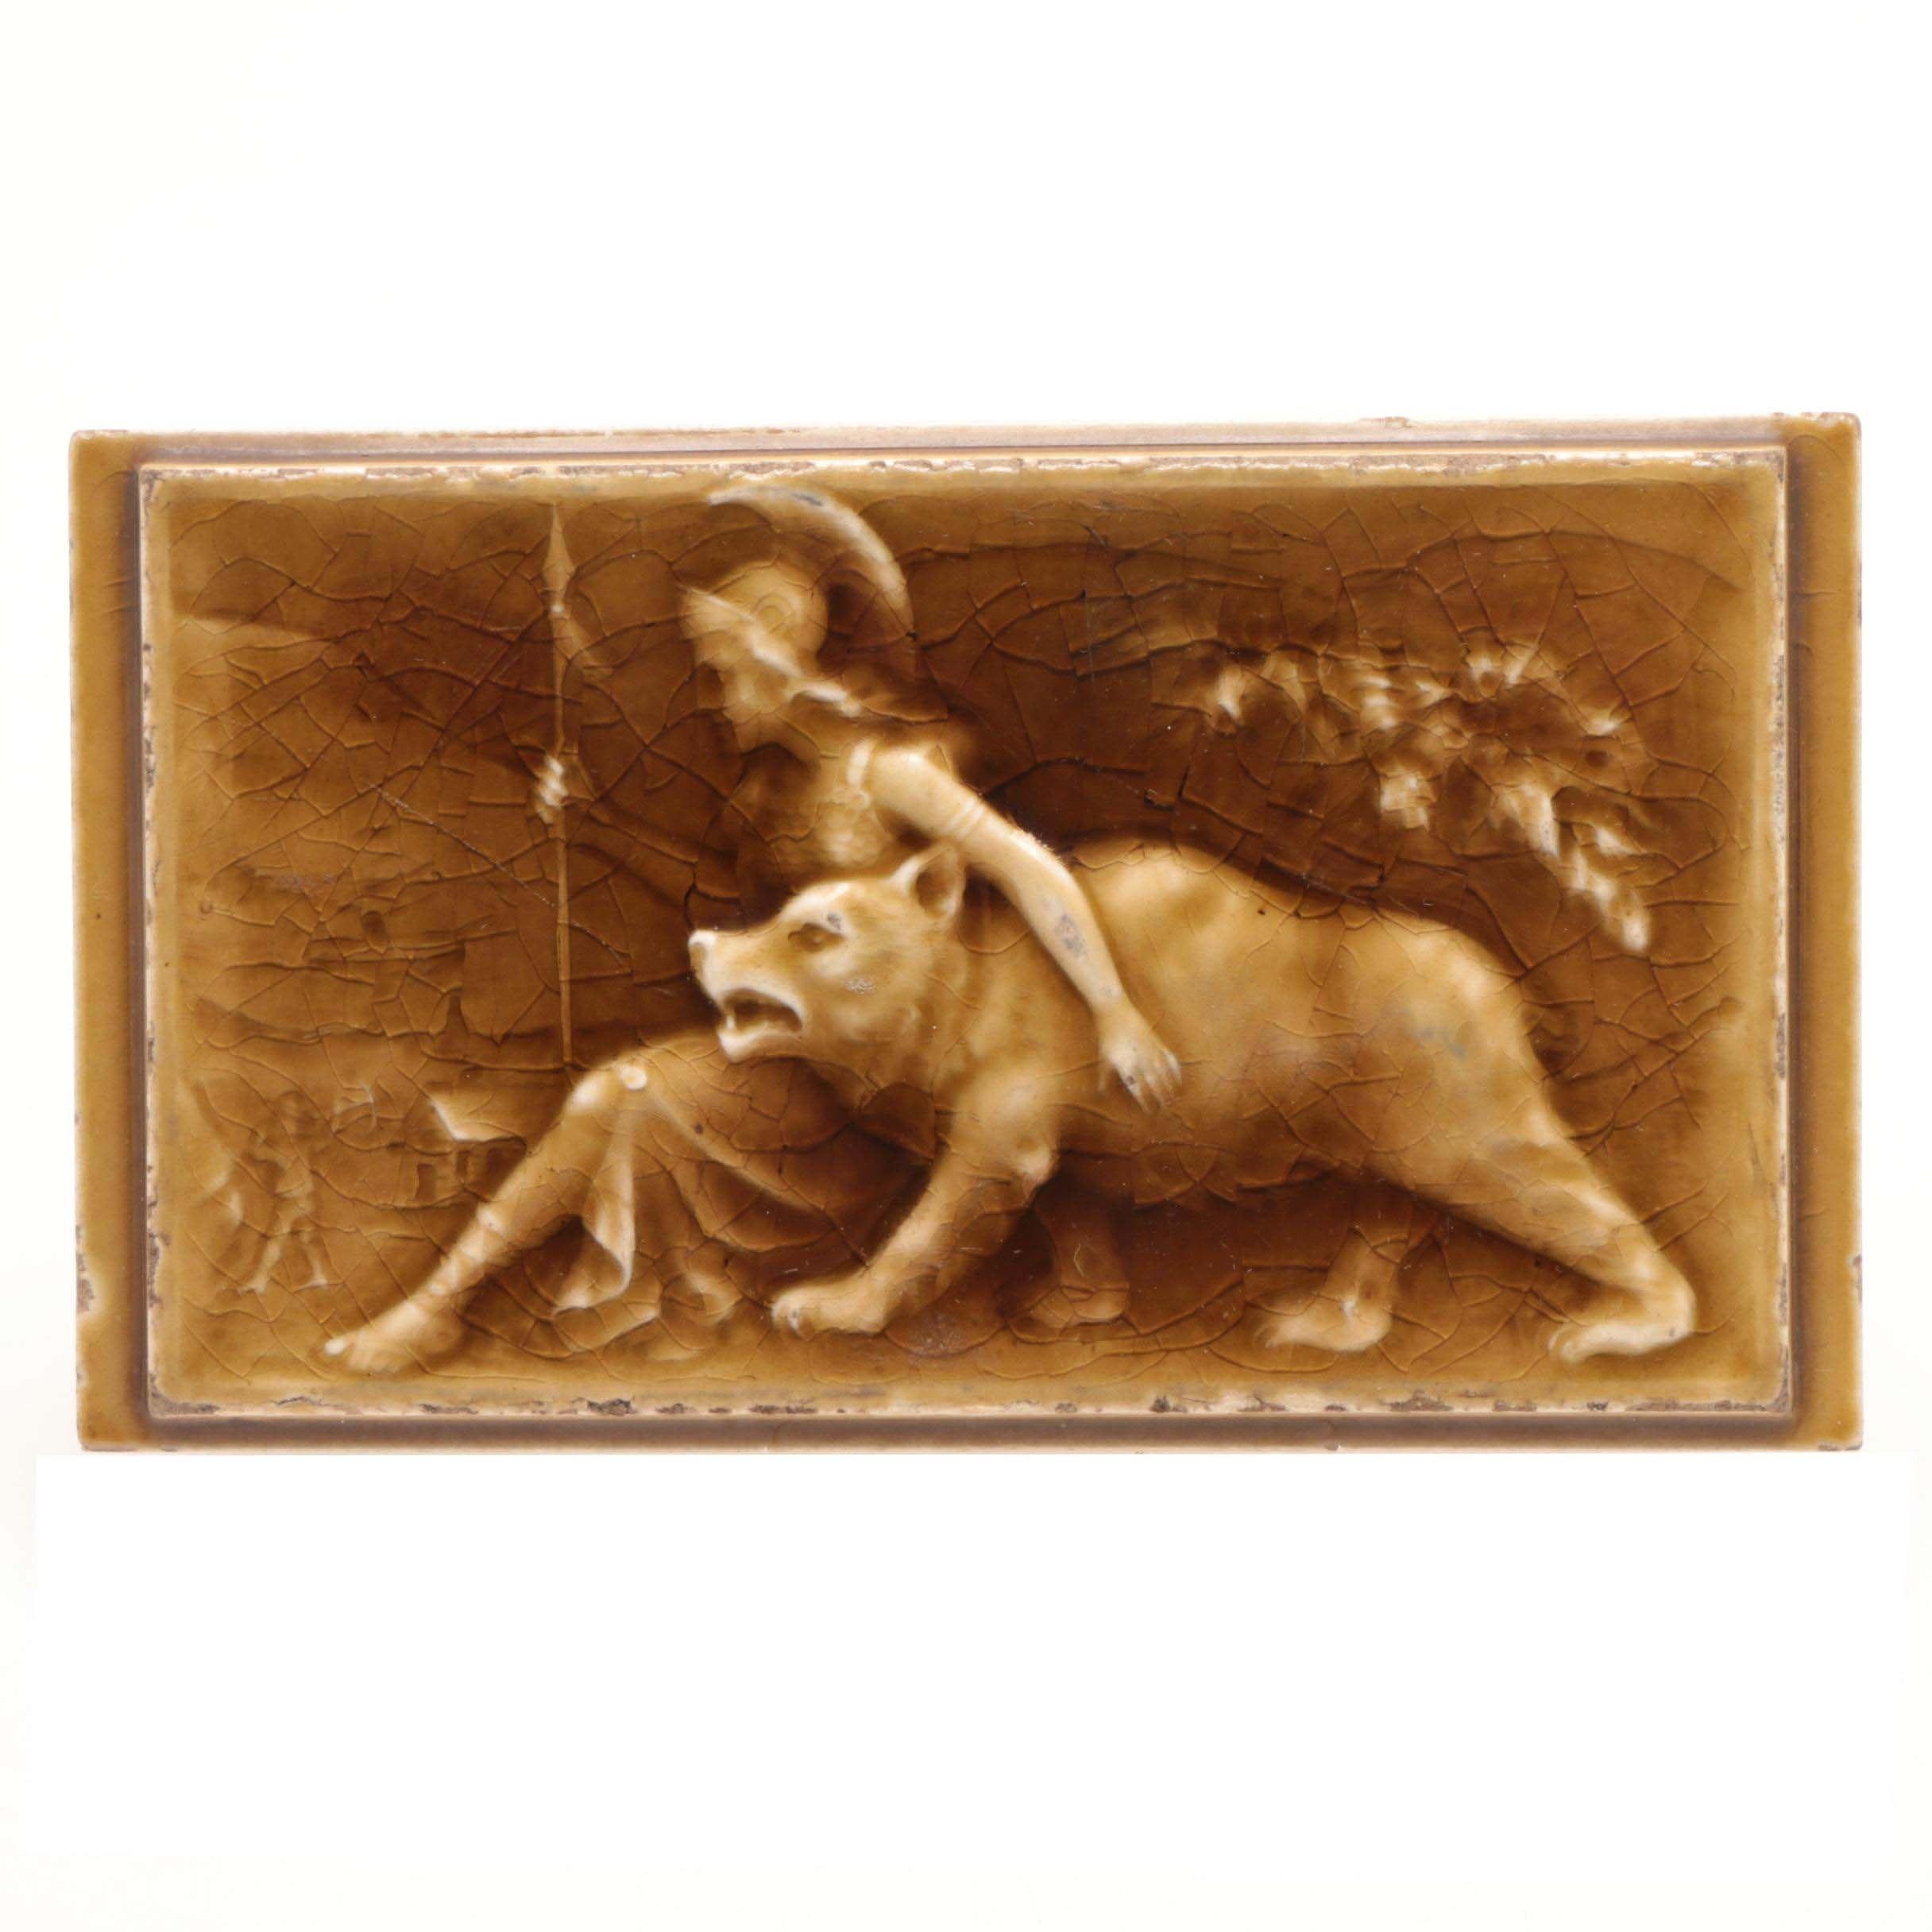 Antique Art Pottery Tile